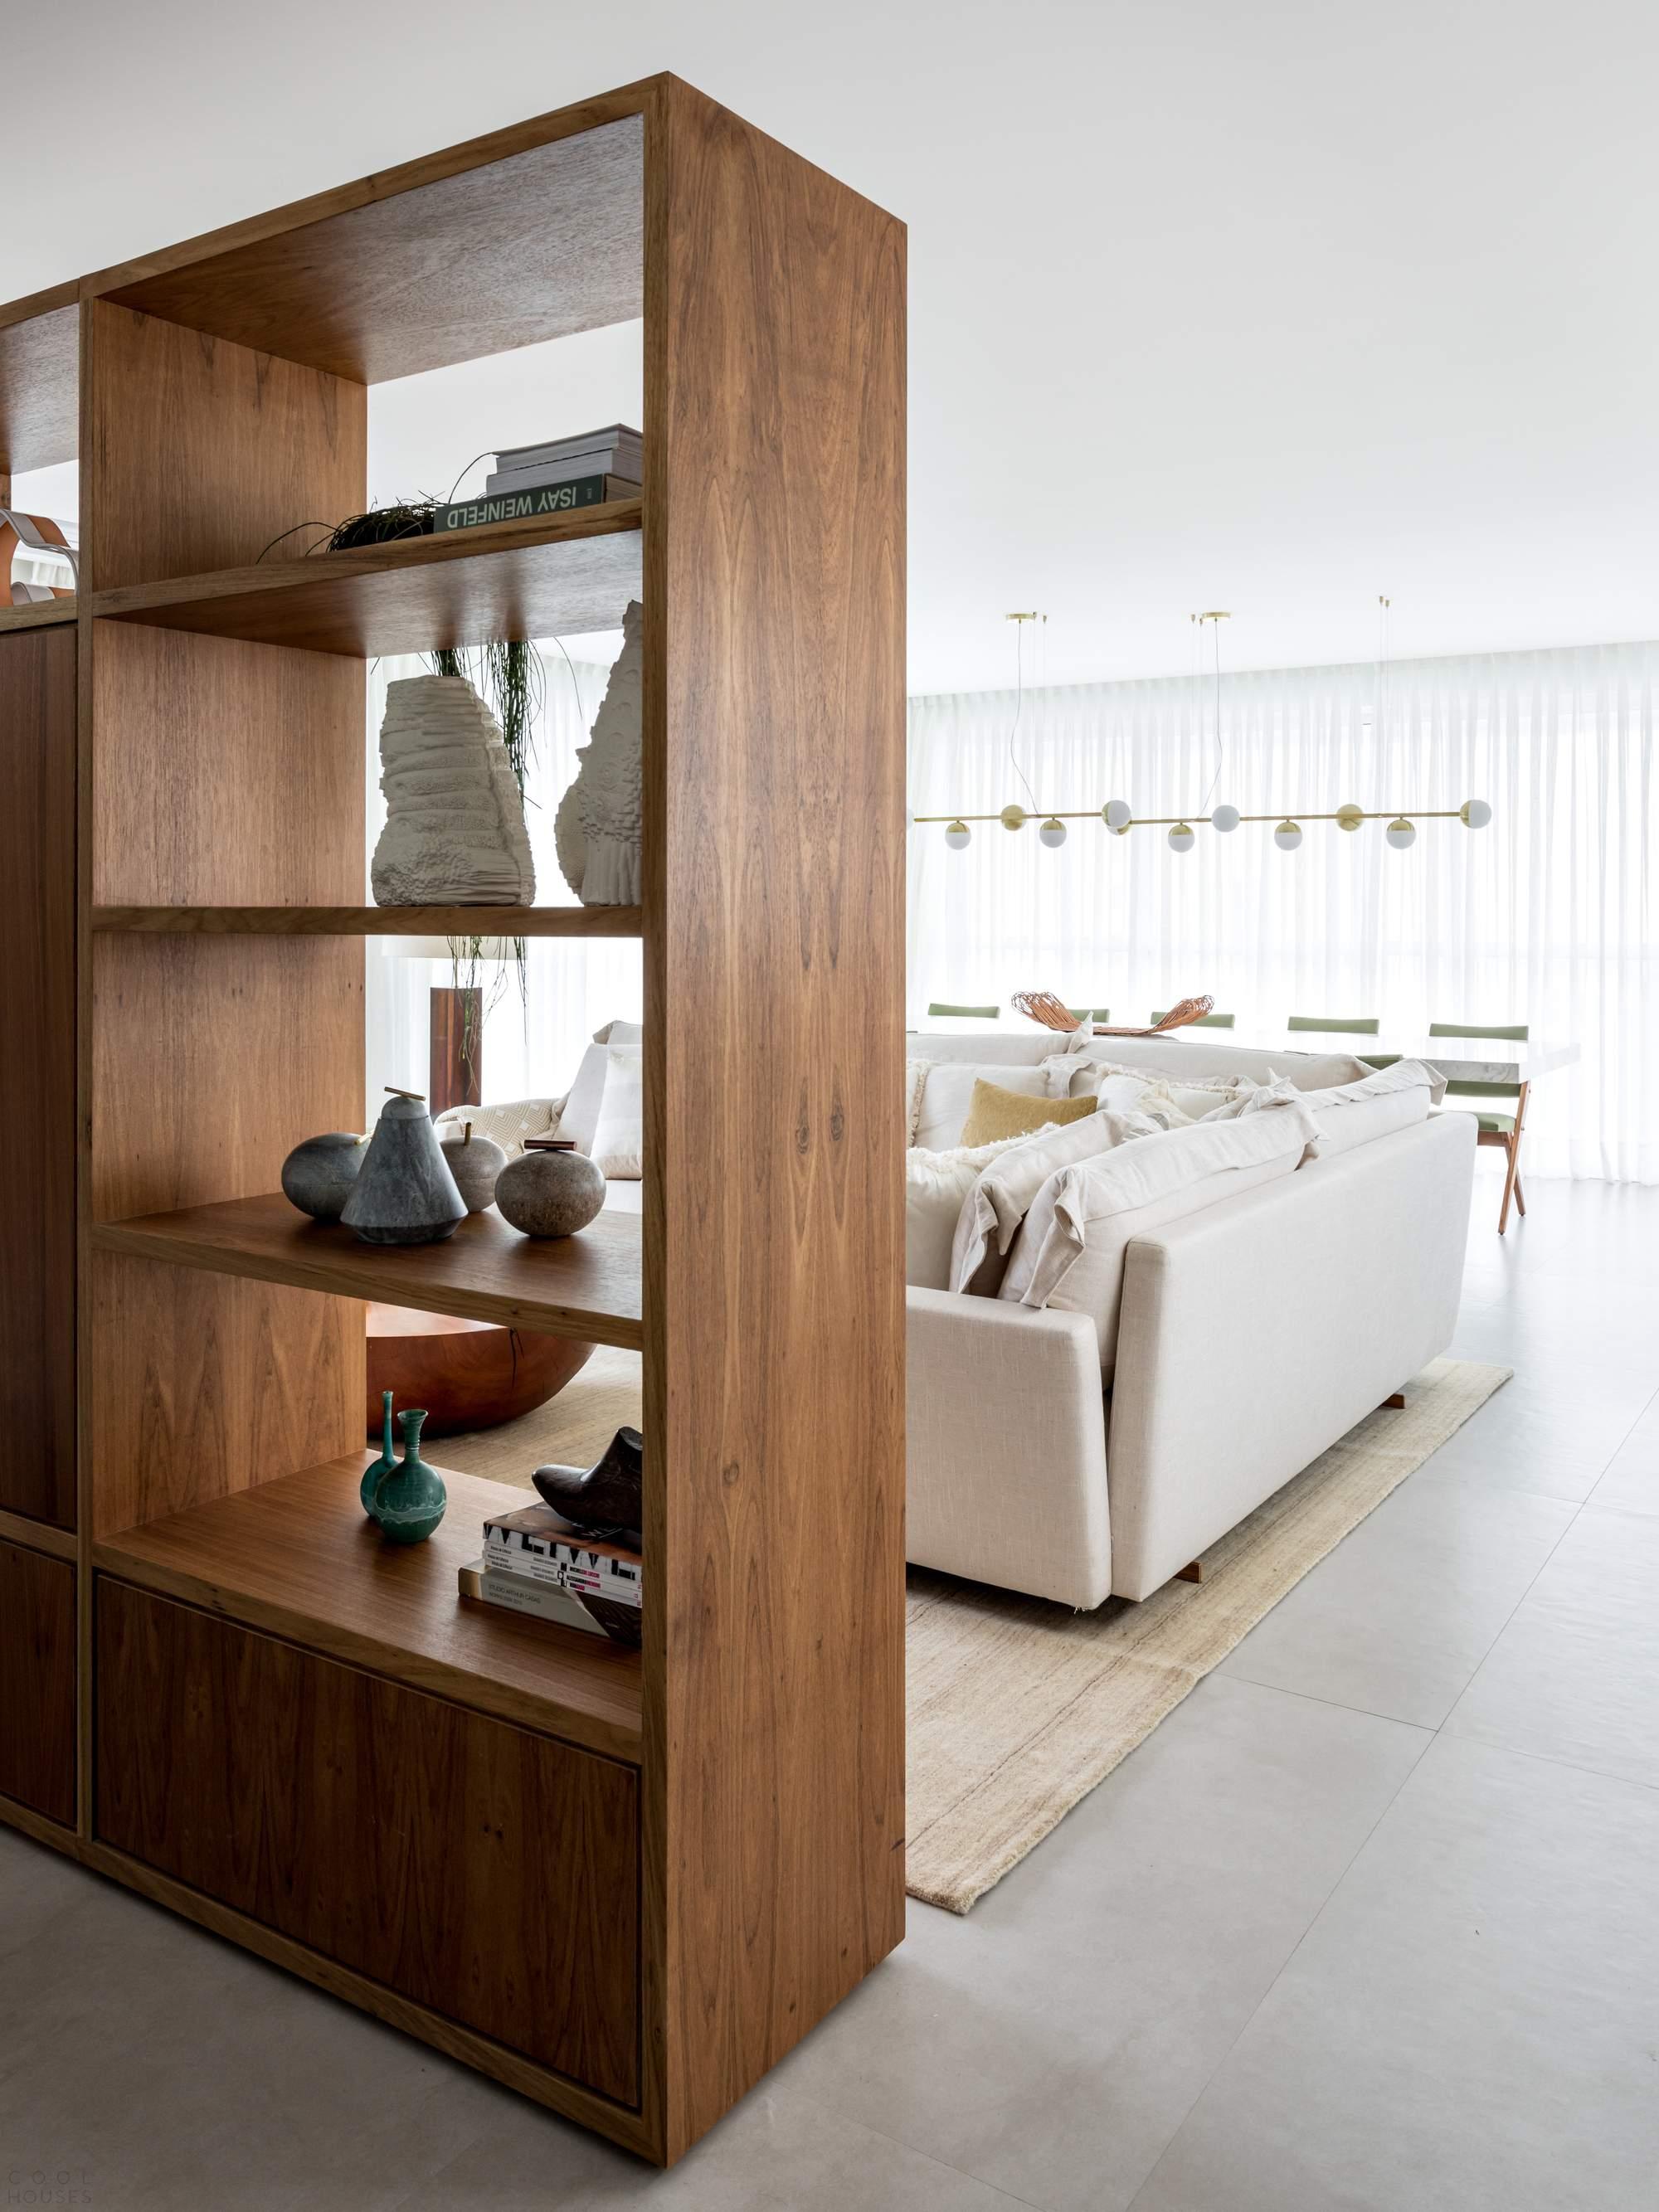 Современный интерьер, вдохновленный бразильским модернизмом, Бразилия